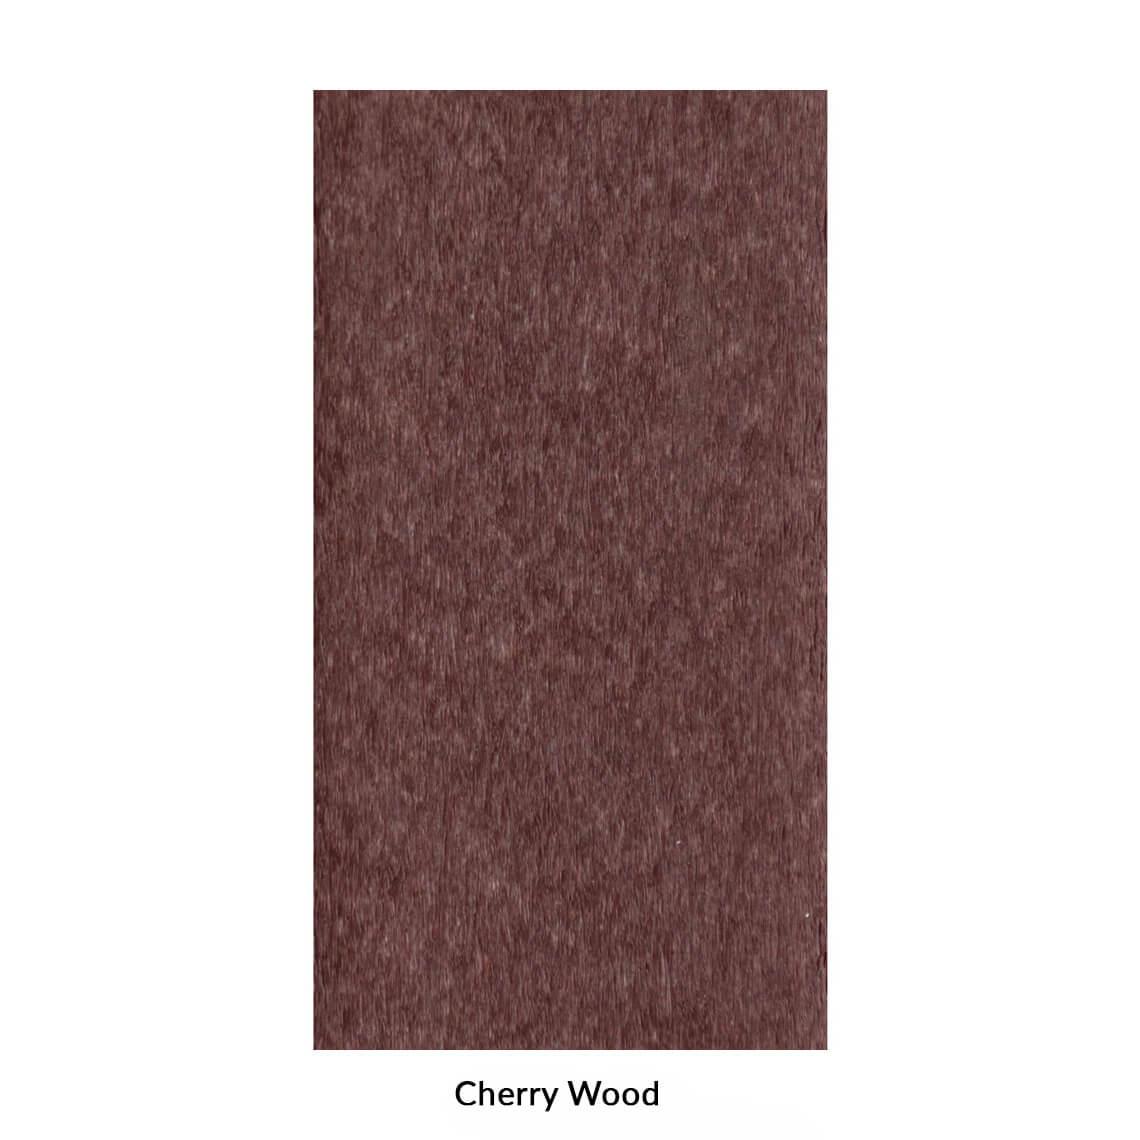 19.-cherry-wood.jpg